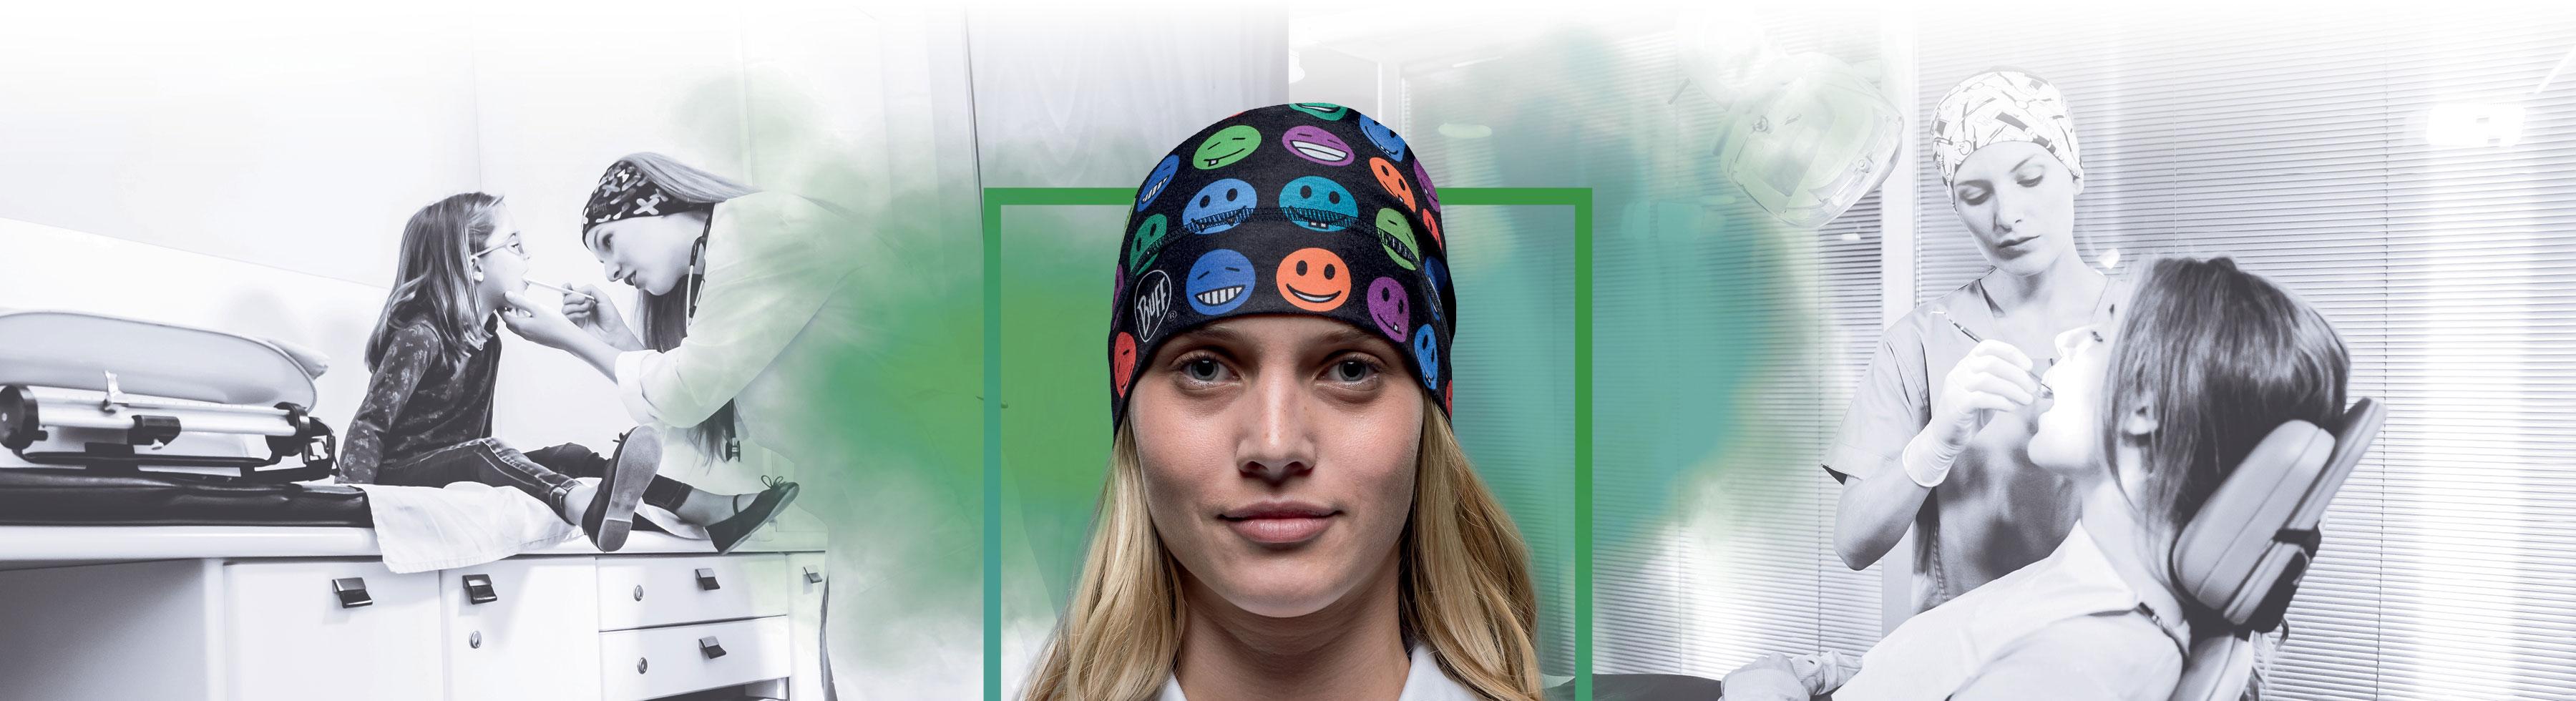 BUFF - Medical Hat Collection - Hovedbeklædning - kasket - hat